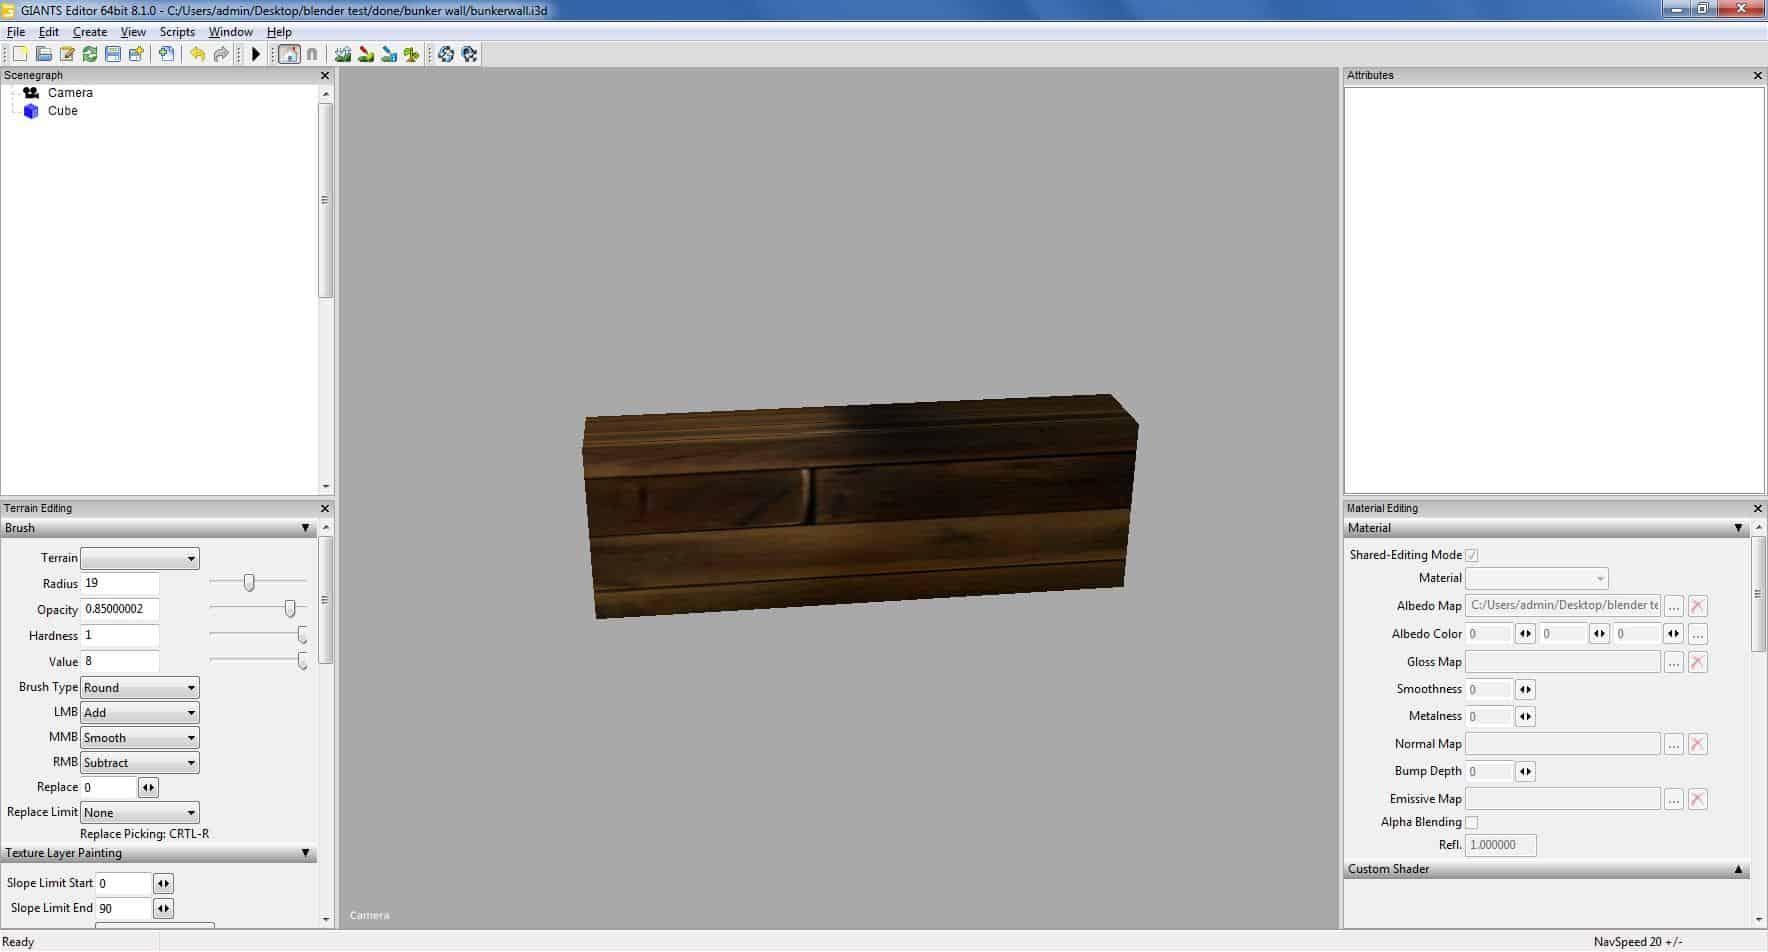 Prefab wood bunker wall v1 0 Mod - Farming Simulator 19 Mod / FS19